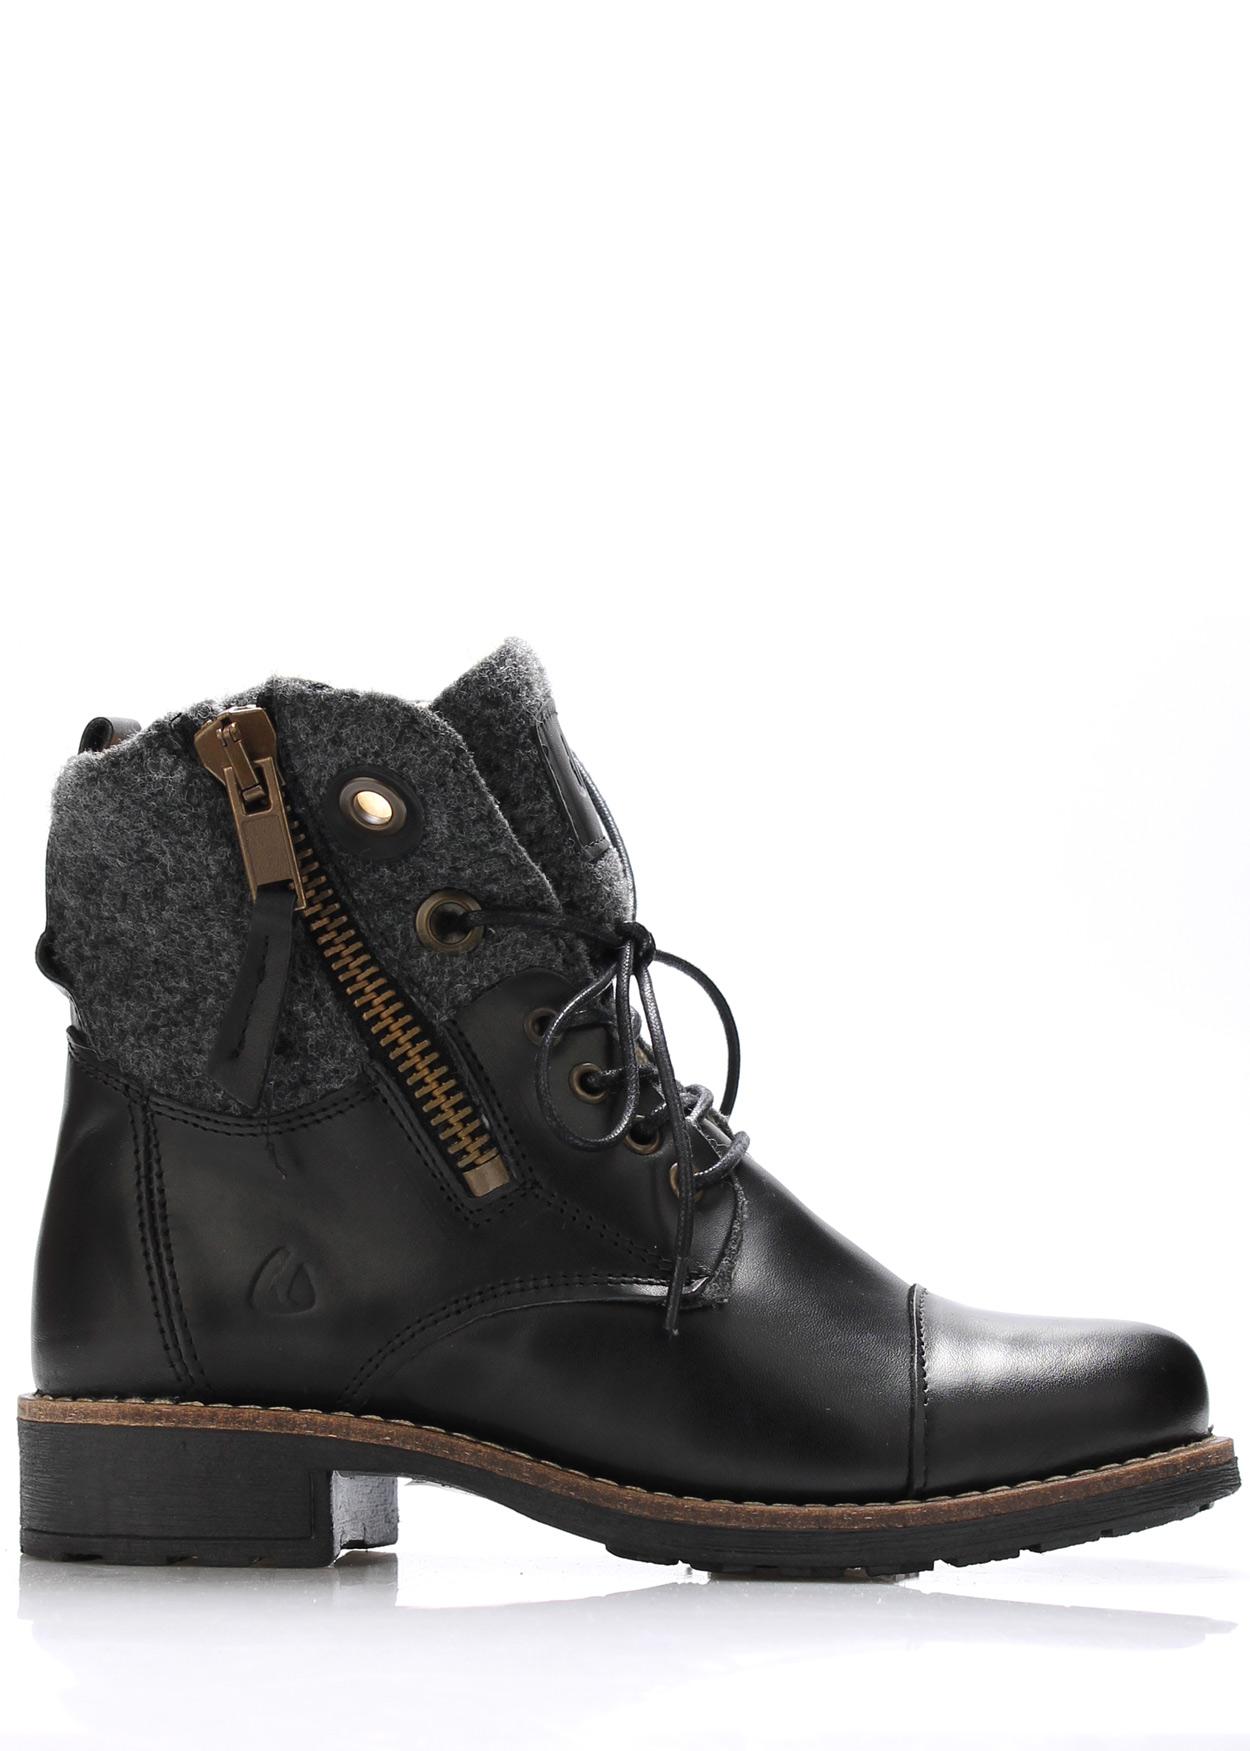 Černé kožené boty s kožíškem Online Shoes Velikost: 37